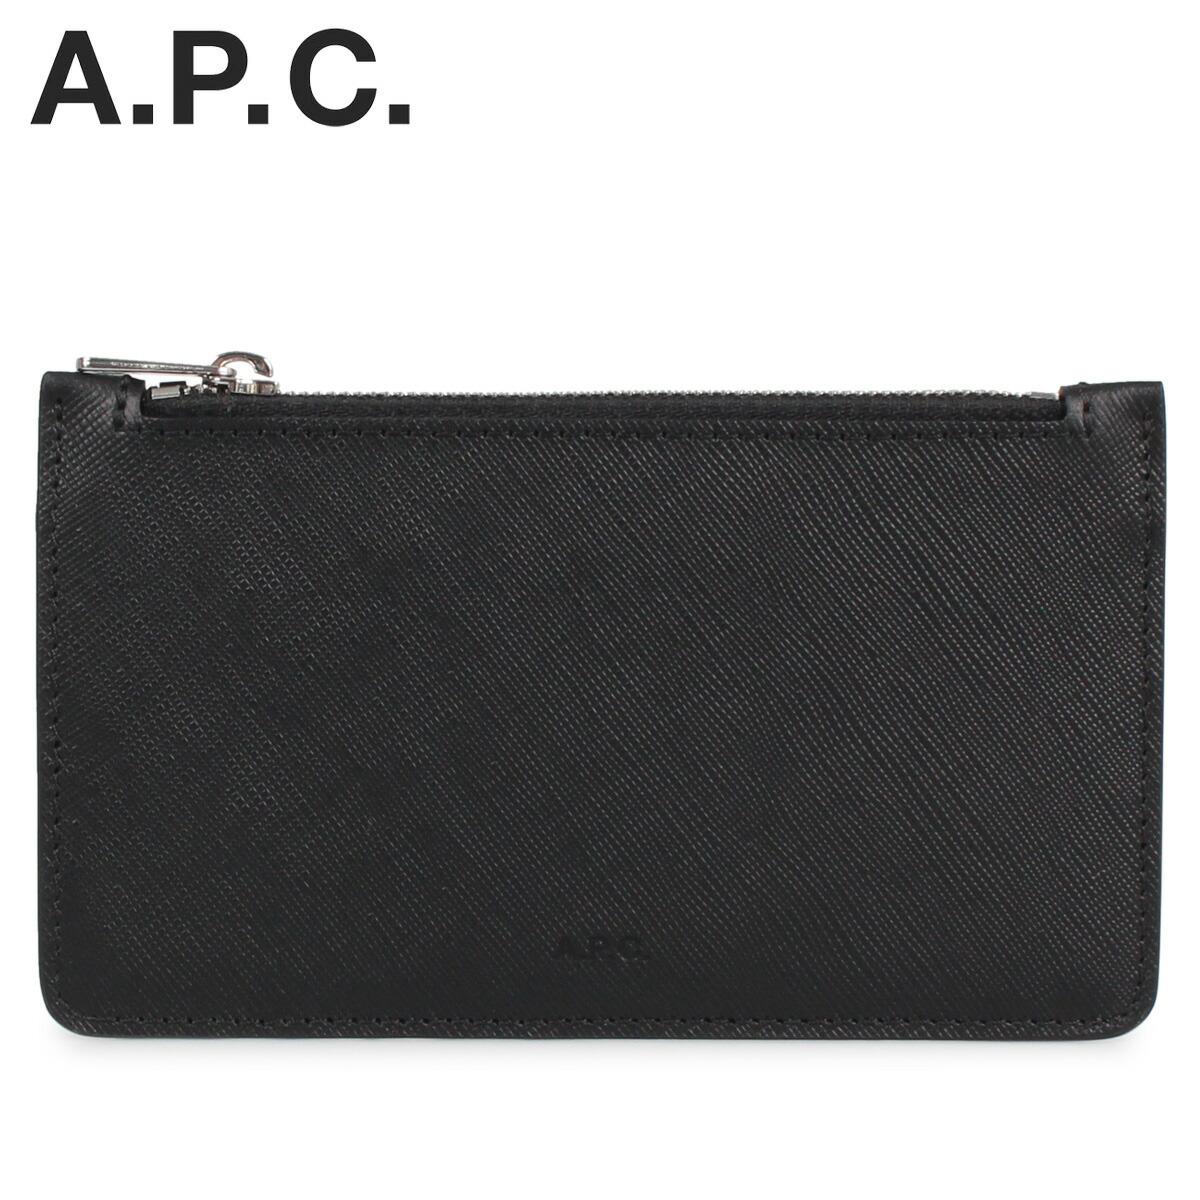 A.P.C. アーペーセー パスケース カードケース ID 定期入れ メンズ PORTE-CARTES WALTER ブラック 黒 PXBJQ-H63205